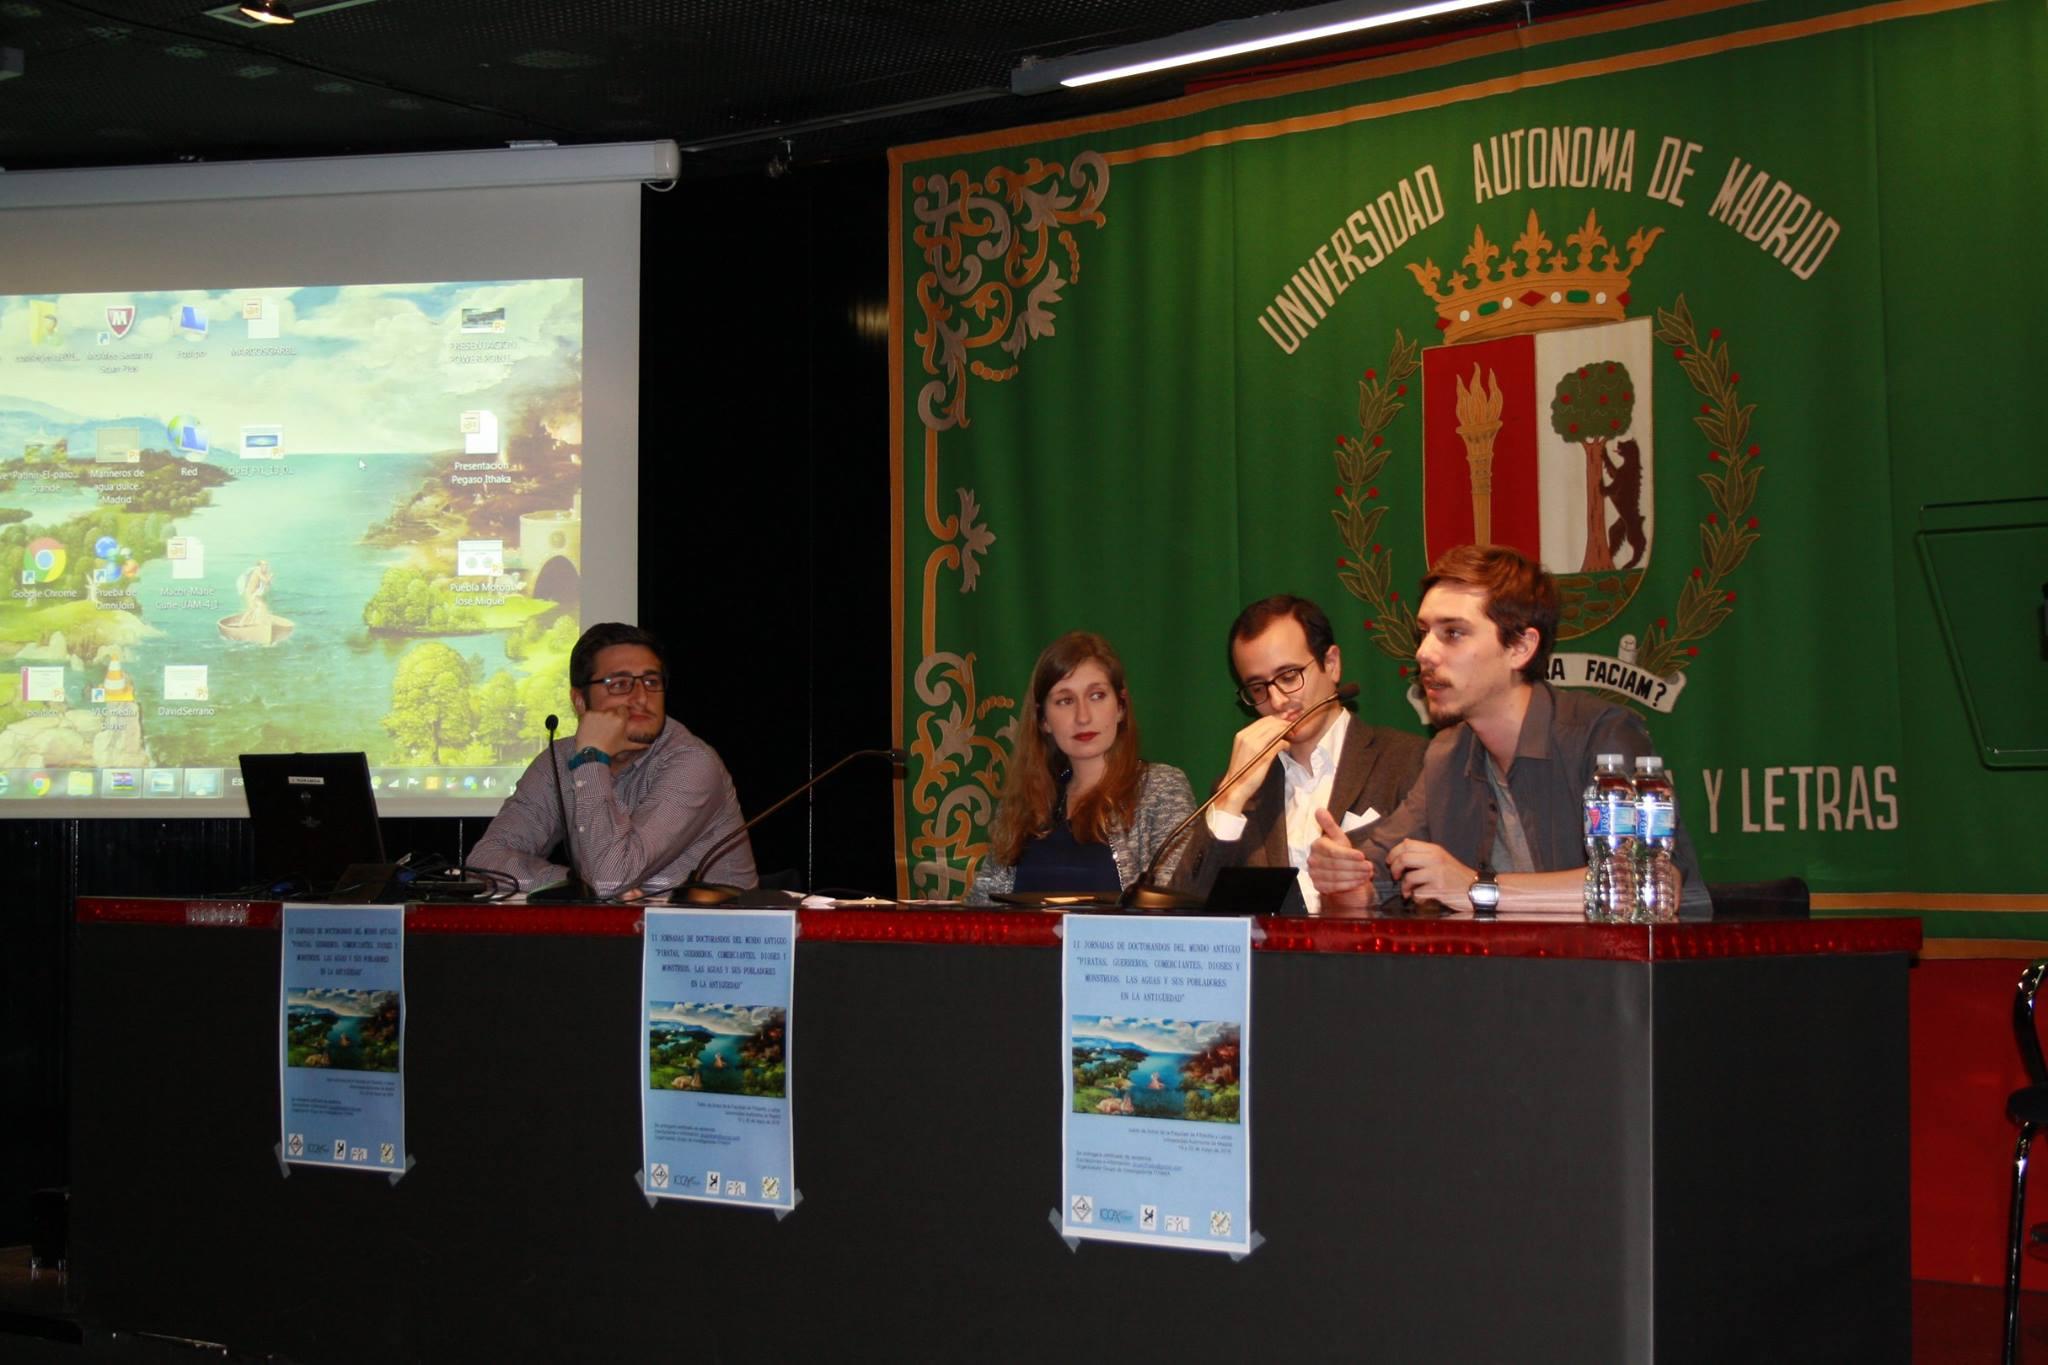 David Pareja Caballero, Aída Fernández Prieto, David Serrano Ordozgoiti y Gerard Cabezas Guzmán componían la mesa de la segunda sesión, que cerraba el primer día con un interesante debate (Fotografía de ...)